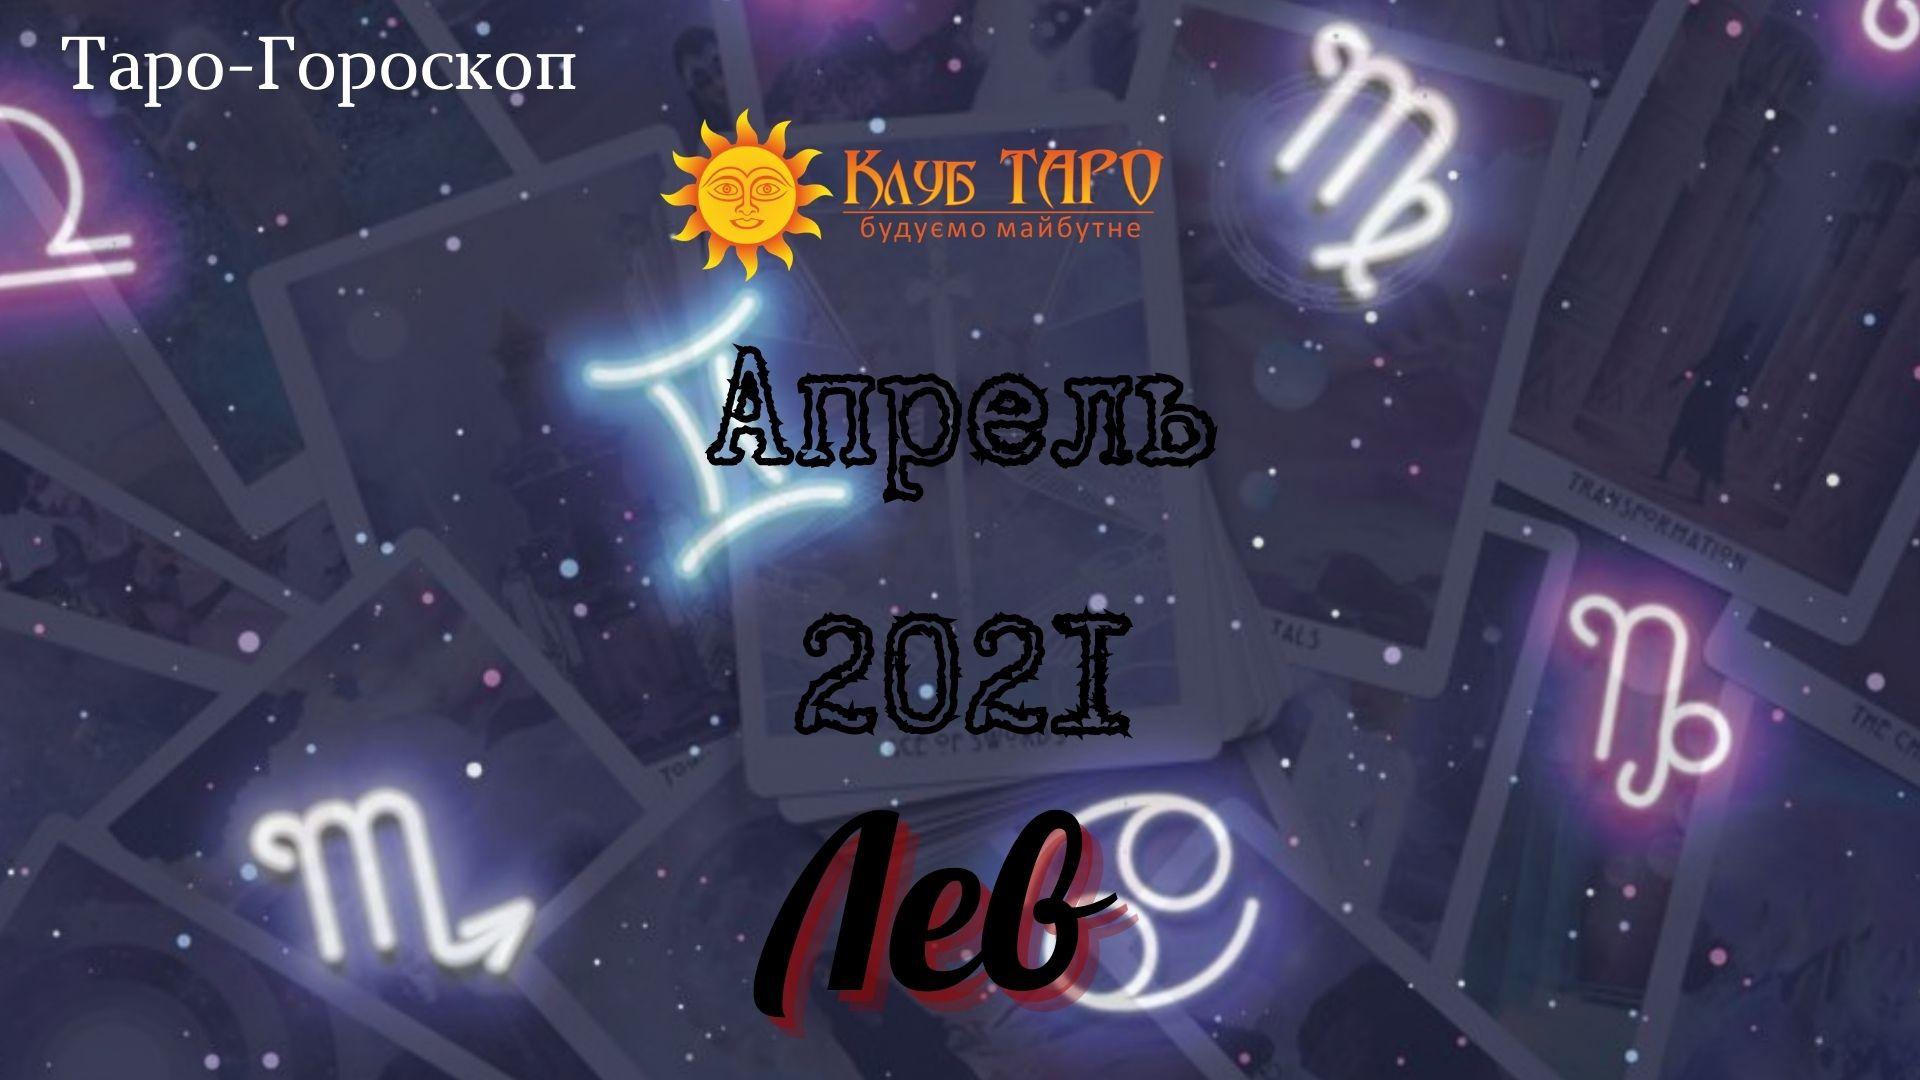 horoslevapr21